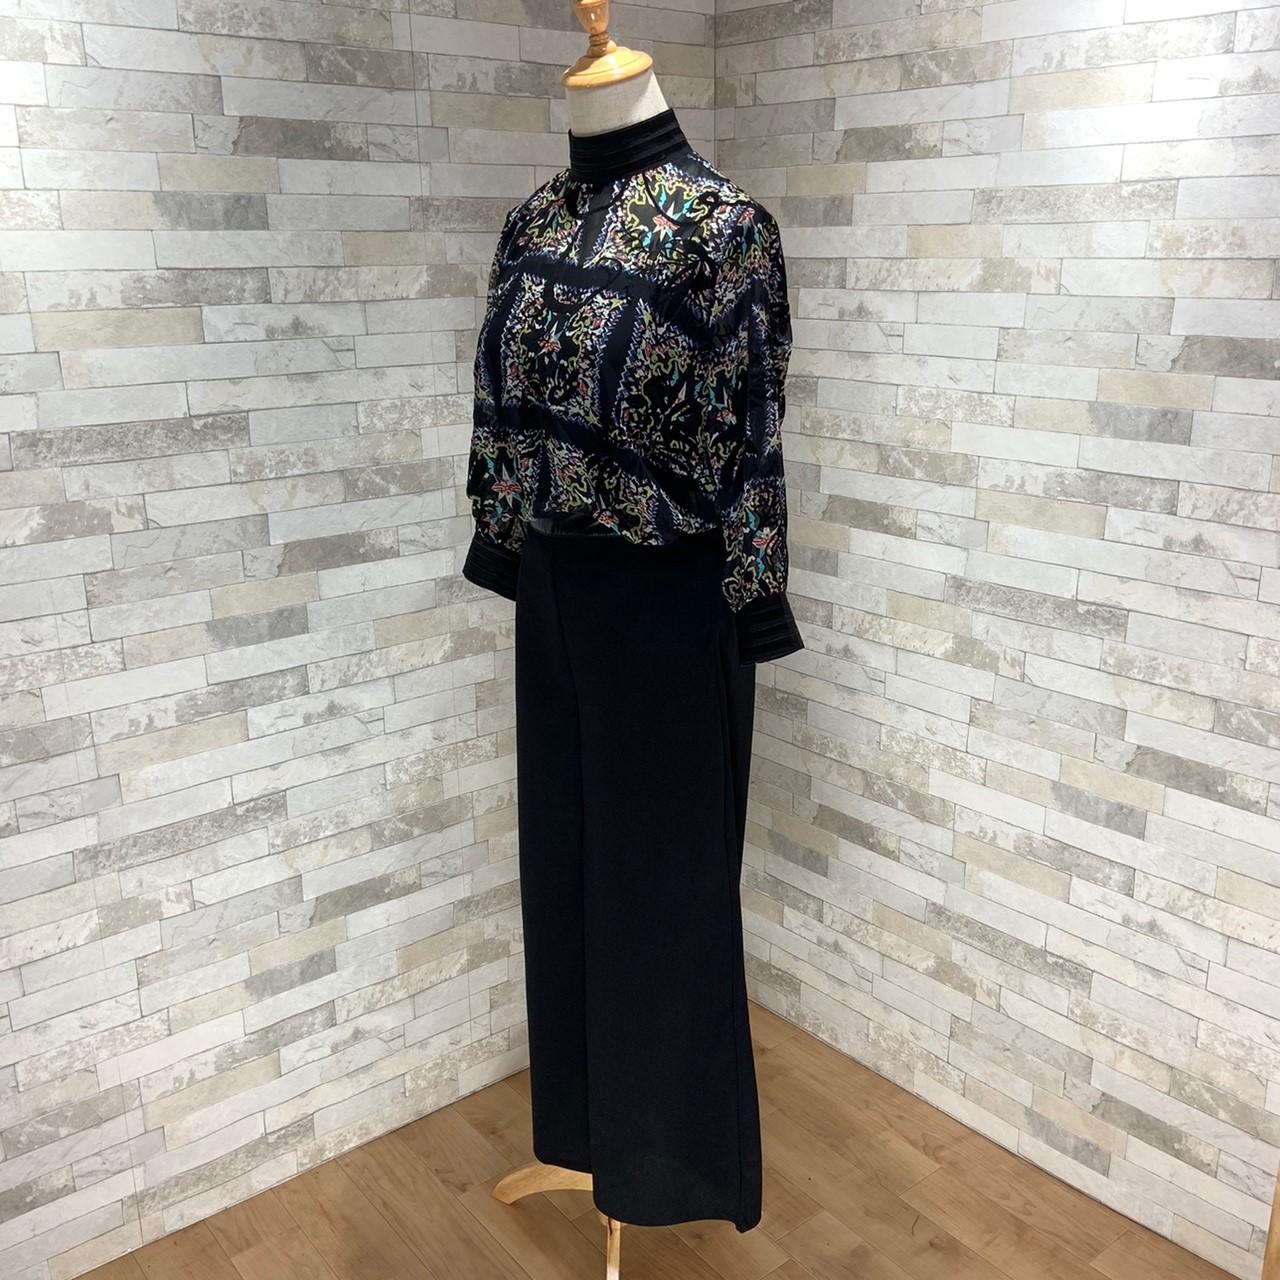 【即納】韓国 ファッション パンツ セットアップ パーティードレス 結婚式 お呼ばれドレス 秋 夏 春 パーティー ブライダル SPTX7230  エレガント シースルー ロ 二次会 セレブ きれいめの写真7枚目